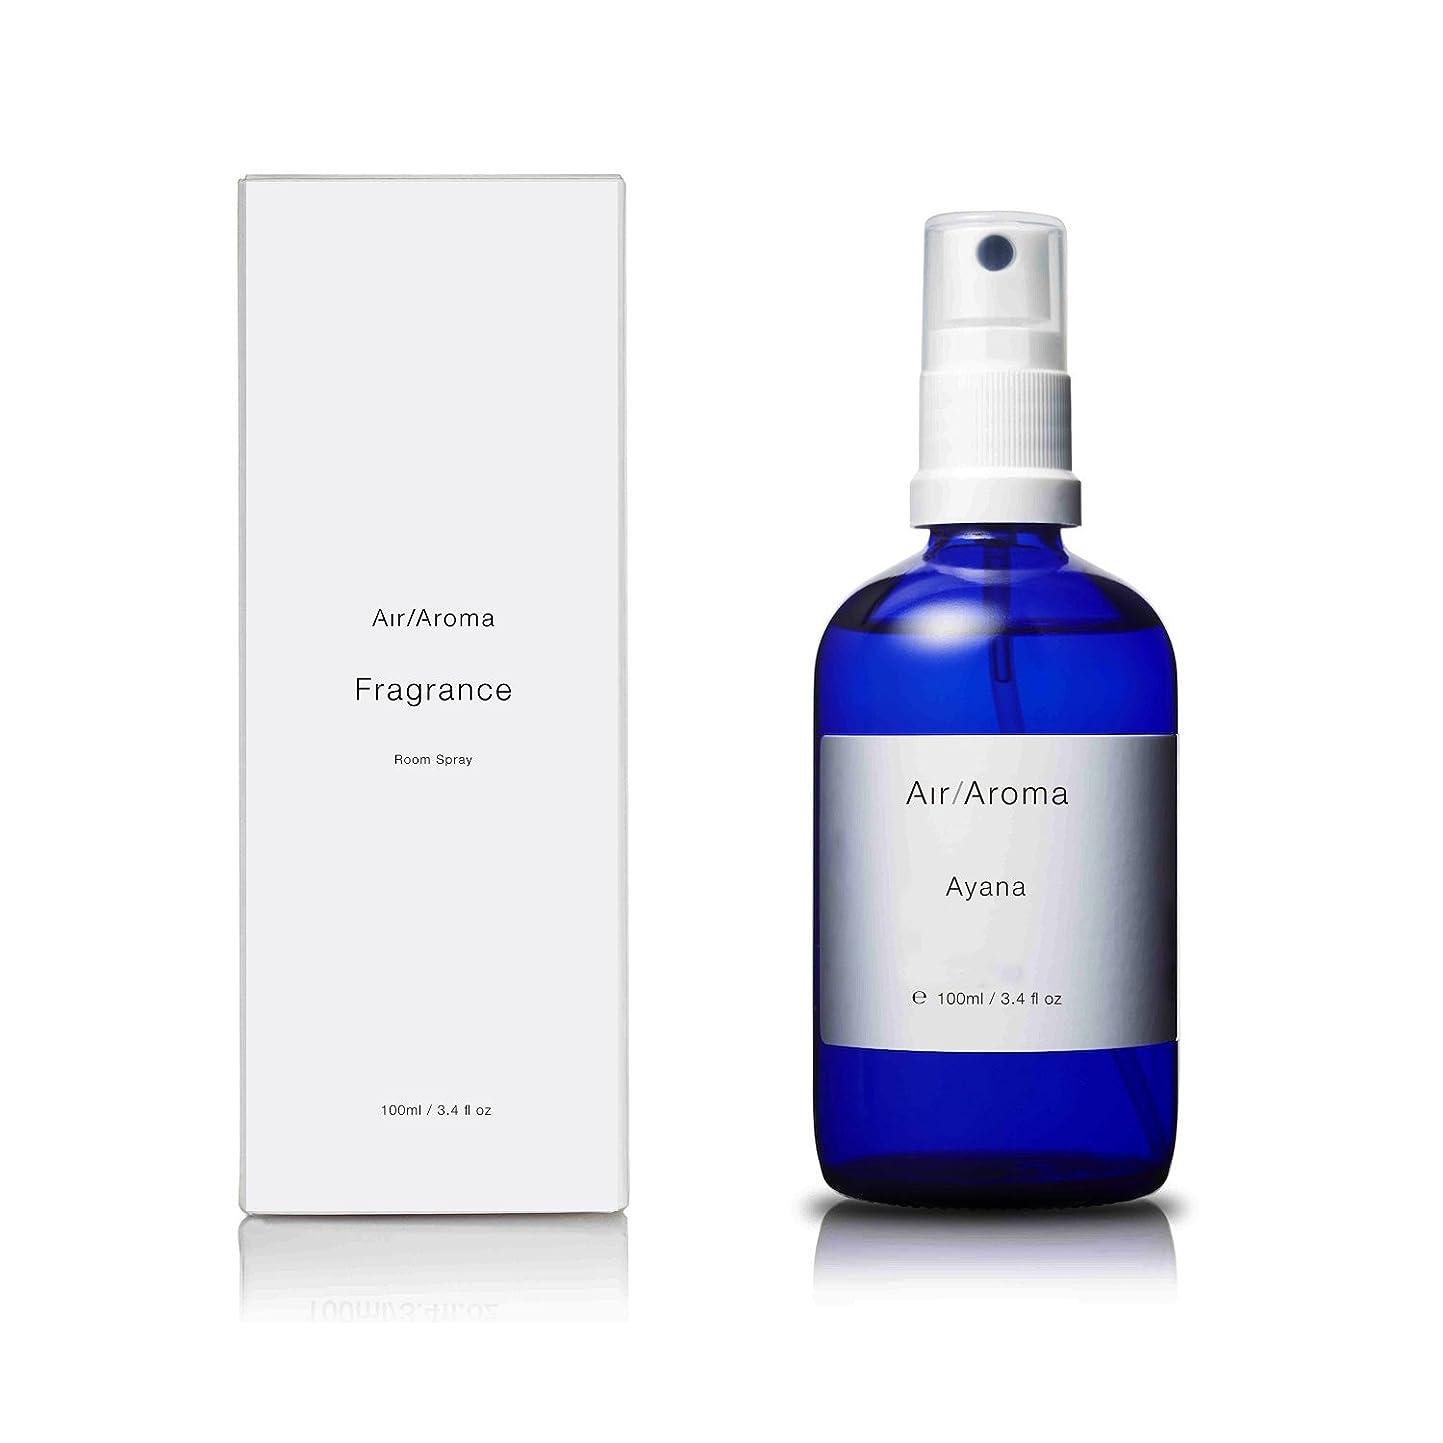 タックルクライアントしがみつくエアアロマ ayana room fragrance (アヤナ ルームフレグランス) 100ml